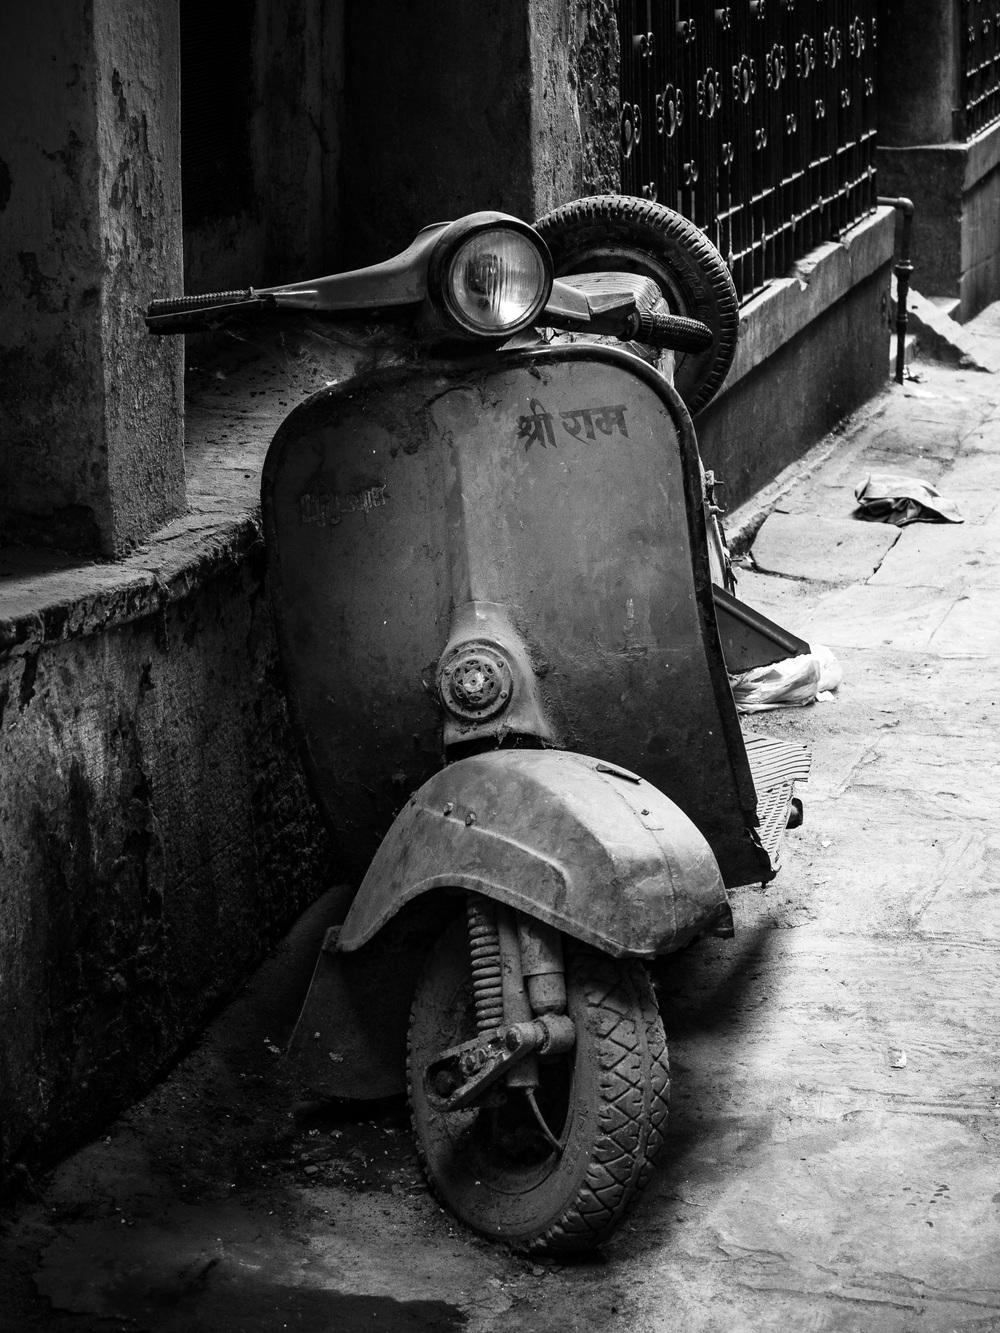 Scooter Varanasi.jpg